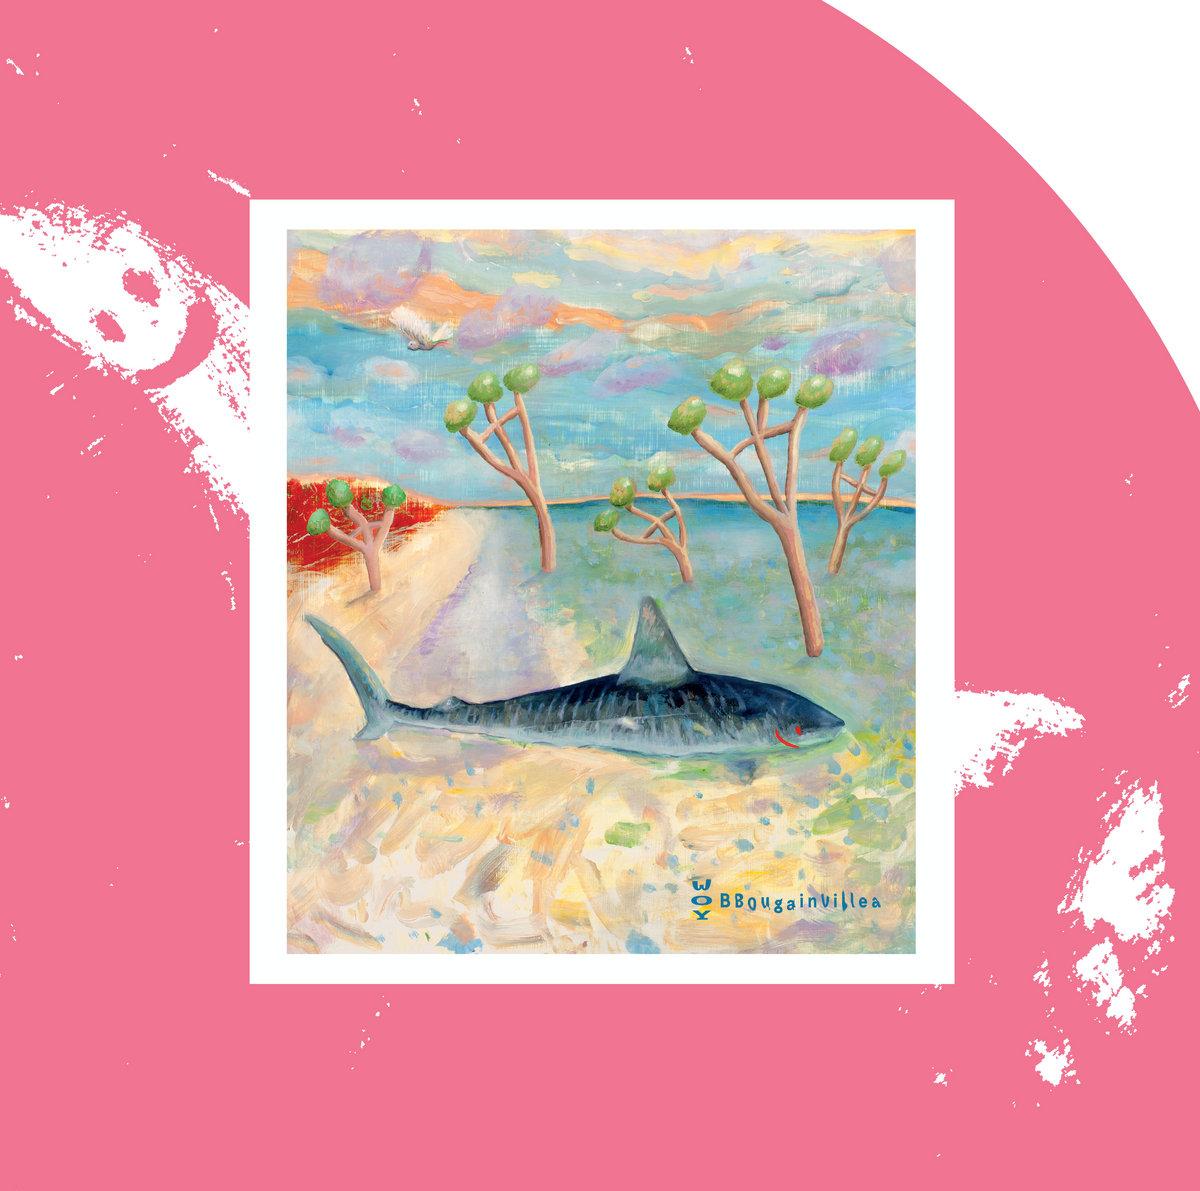 BBougainvillea (Album) | Woy